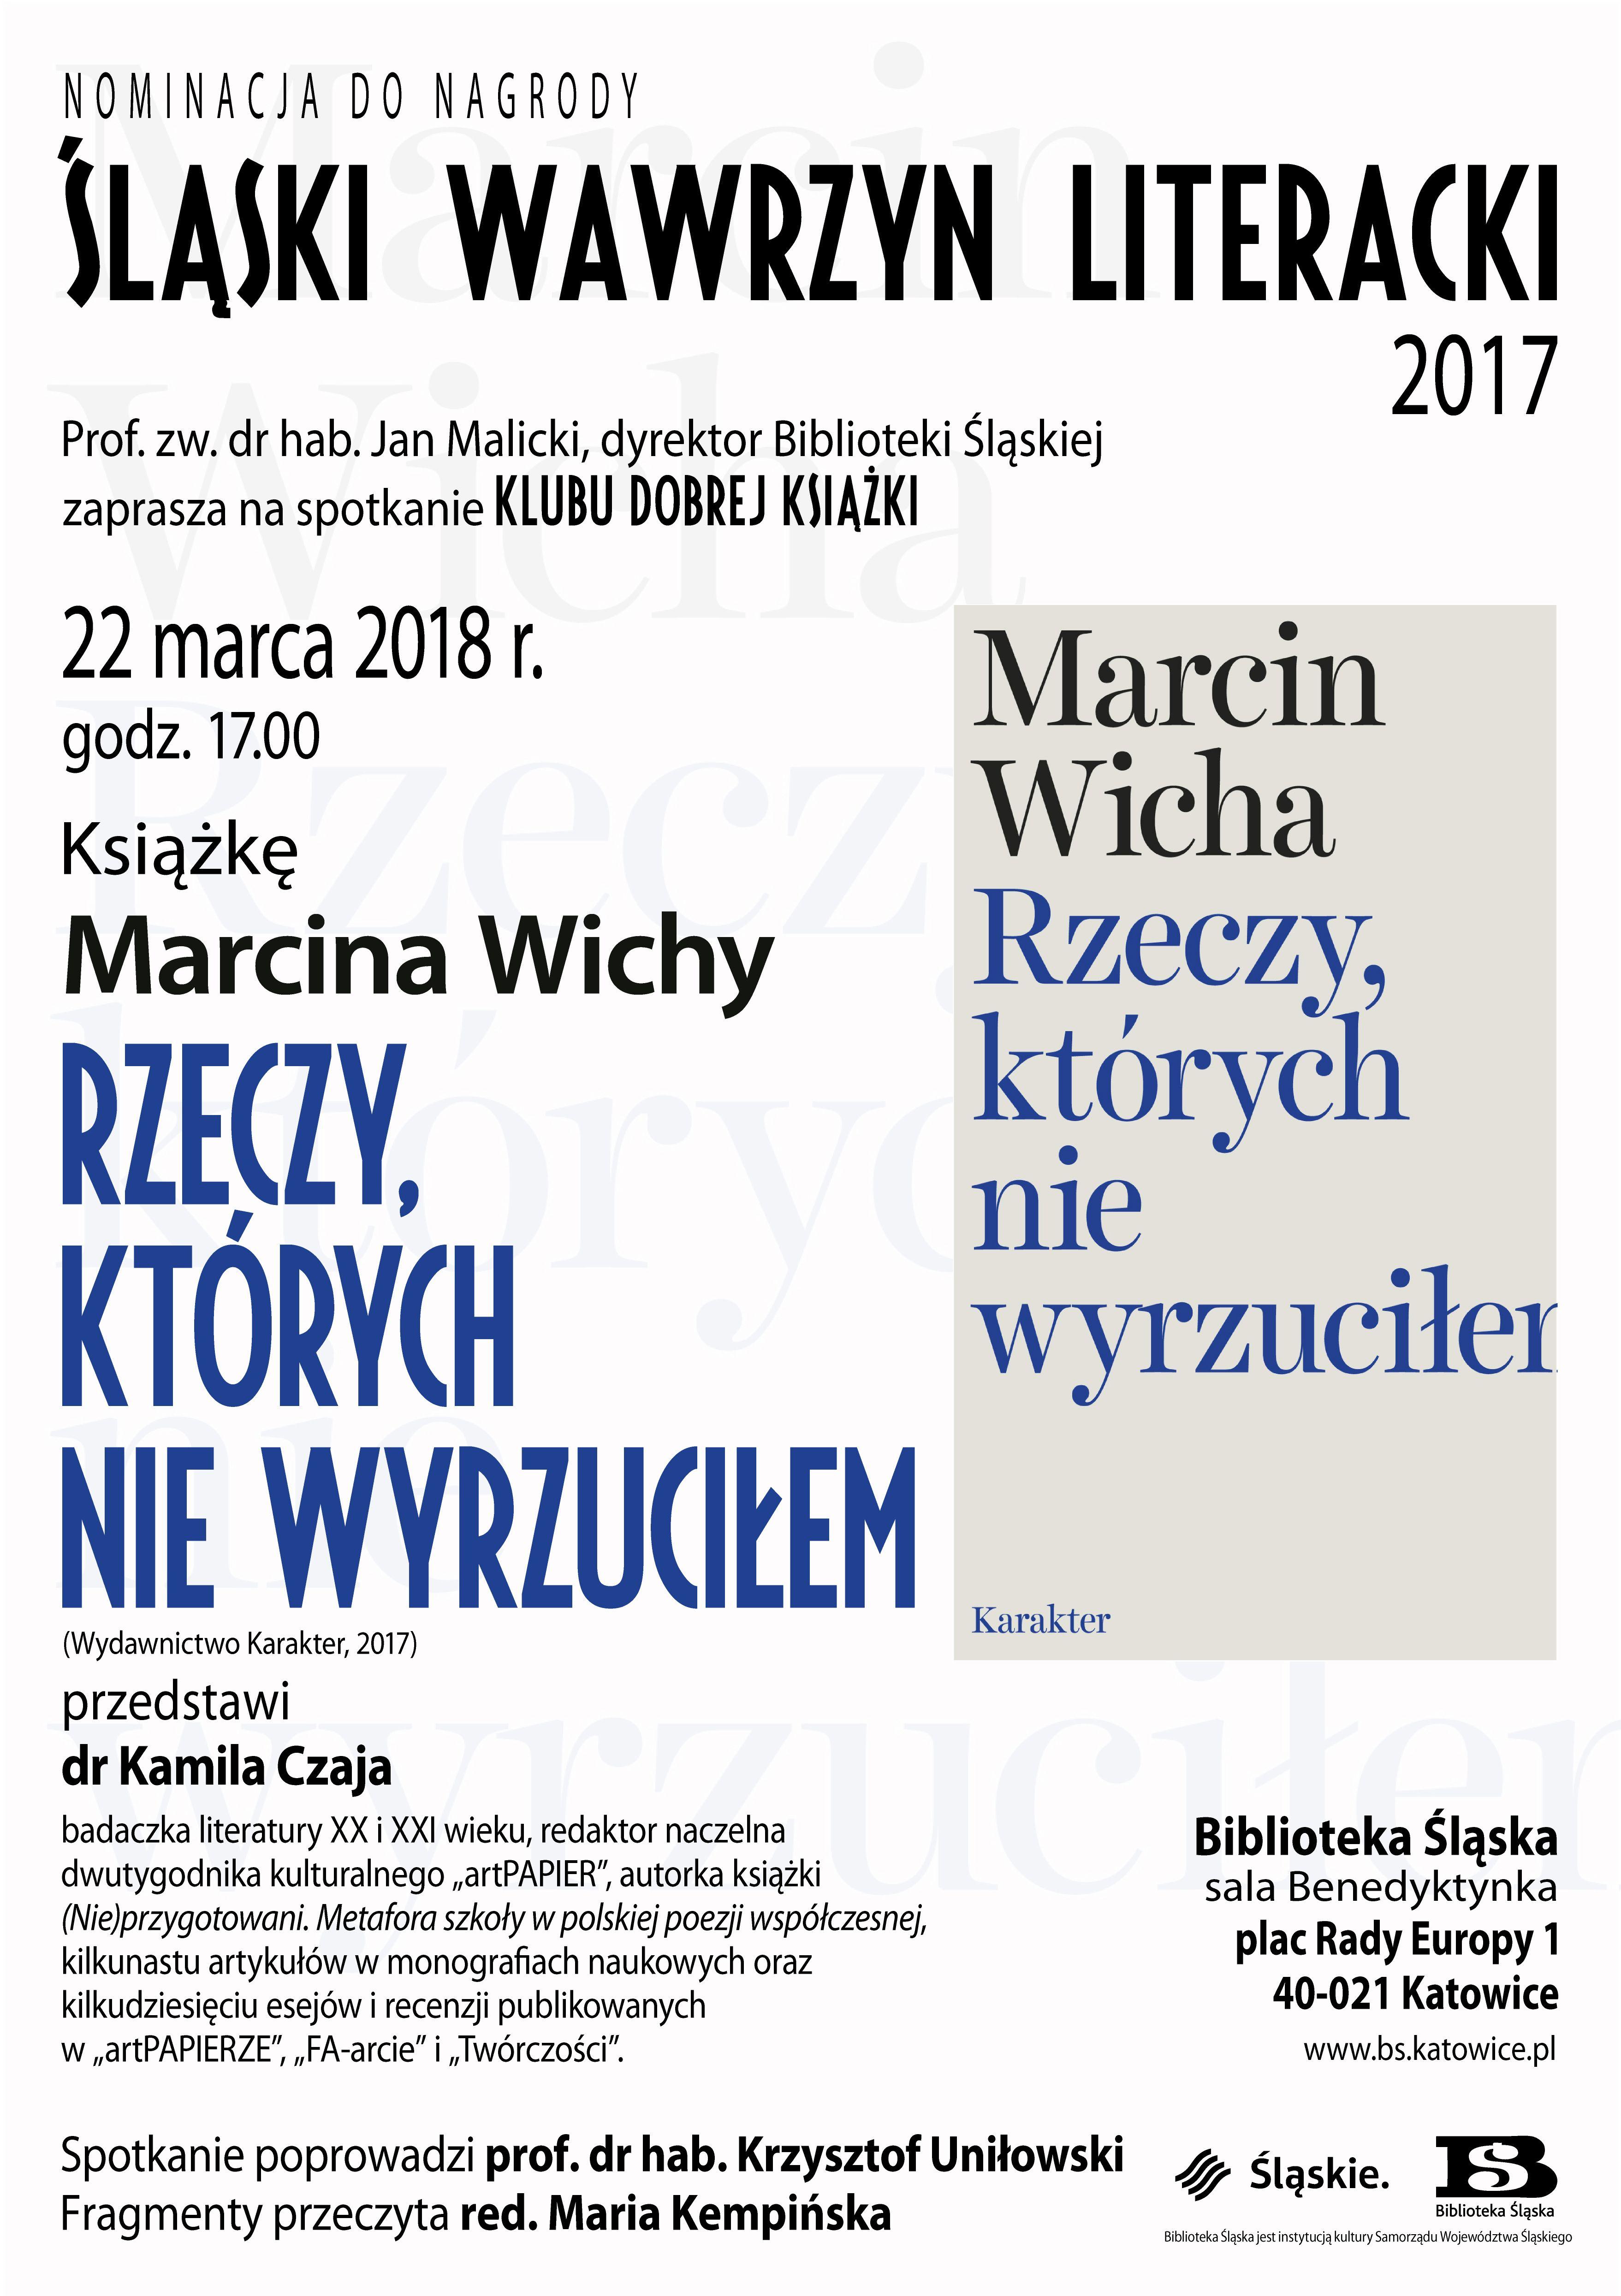 Spotkanie Klubu Dobrej Książki w Bibliotece Śląskiej (źródło: materiały prasowe organizatora)